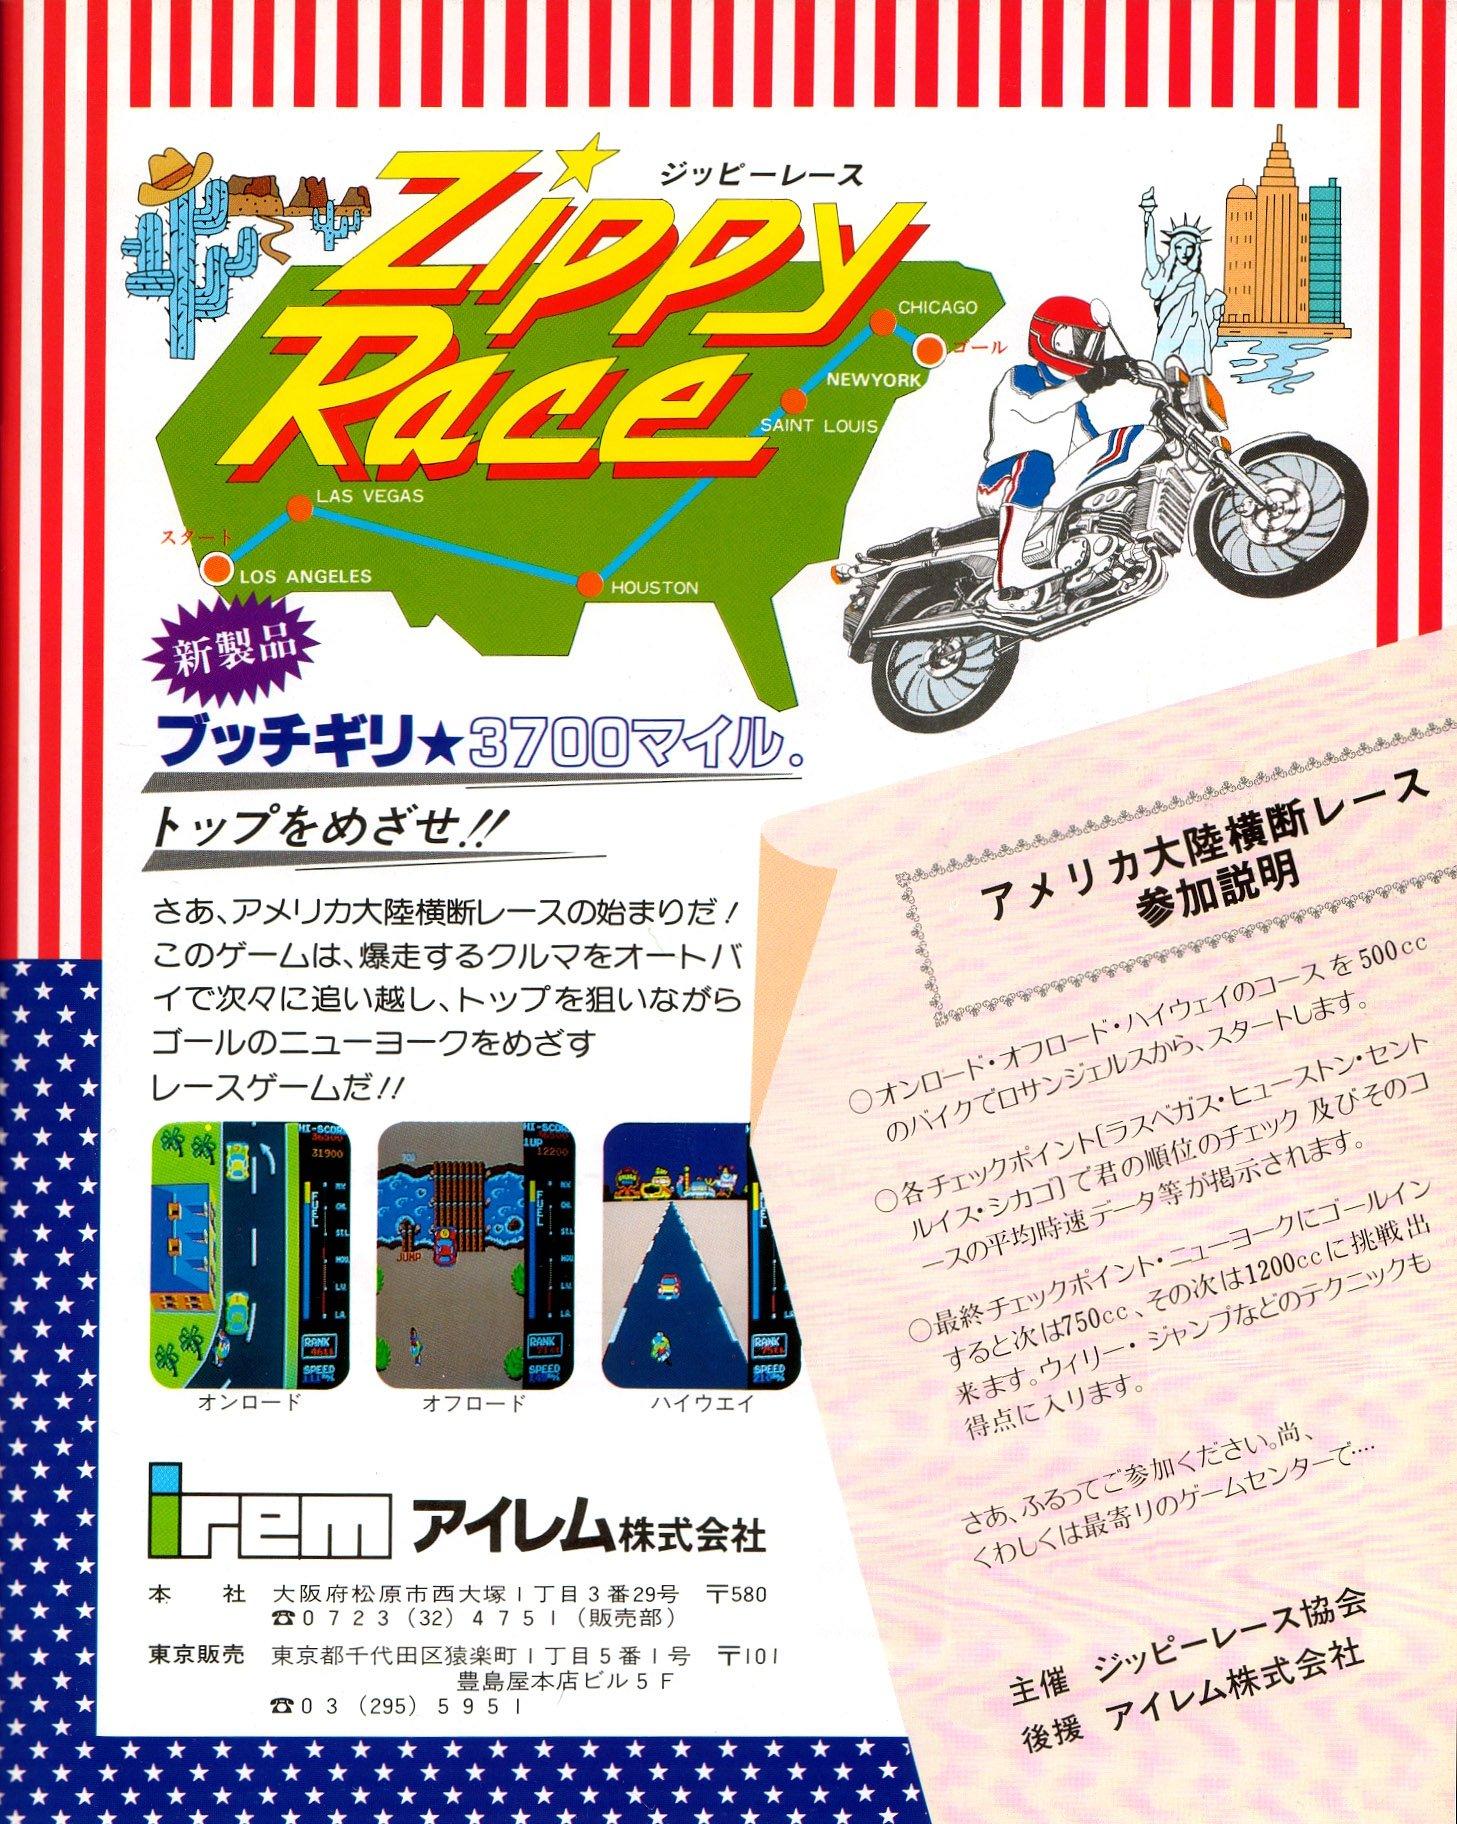 MotoRace USA (Zippy Race) (Japan)